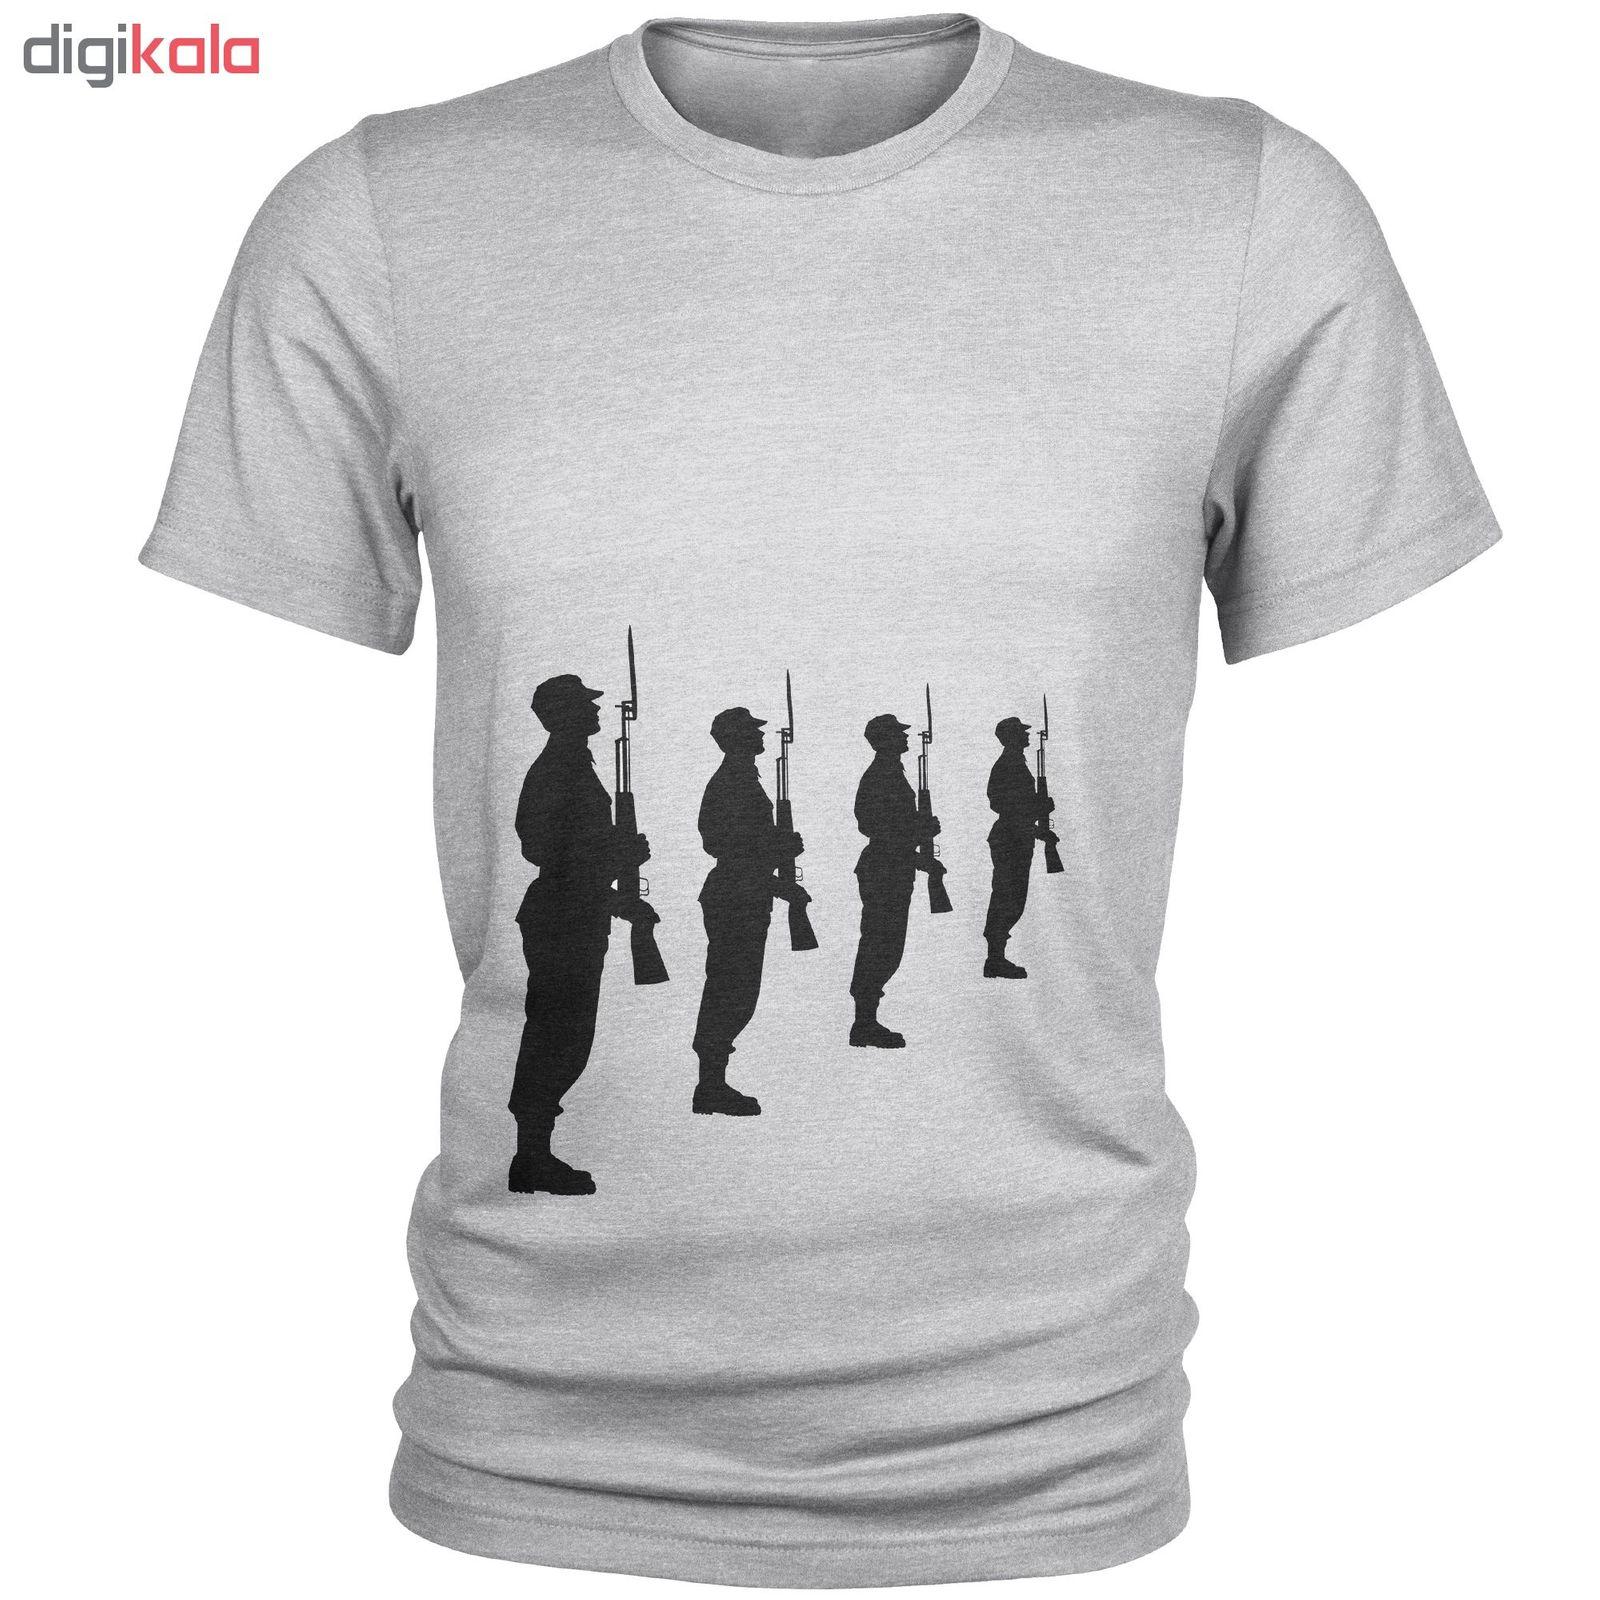 تی شرت مردانه طرح سرباز کد C17